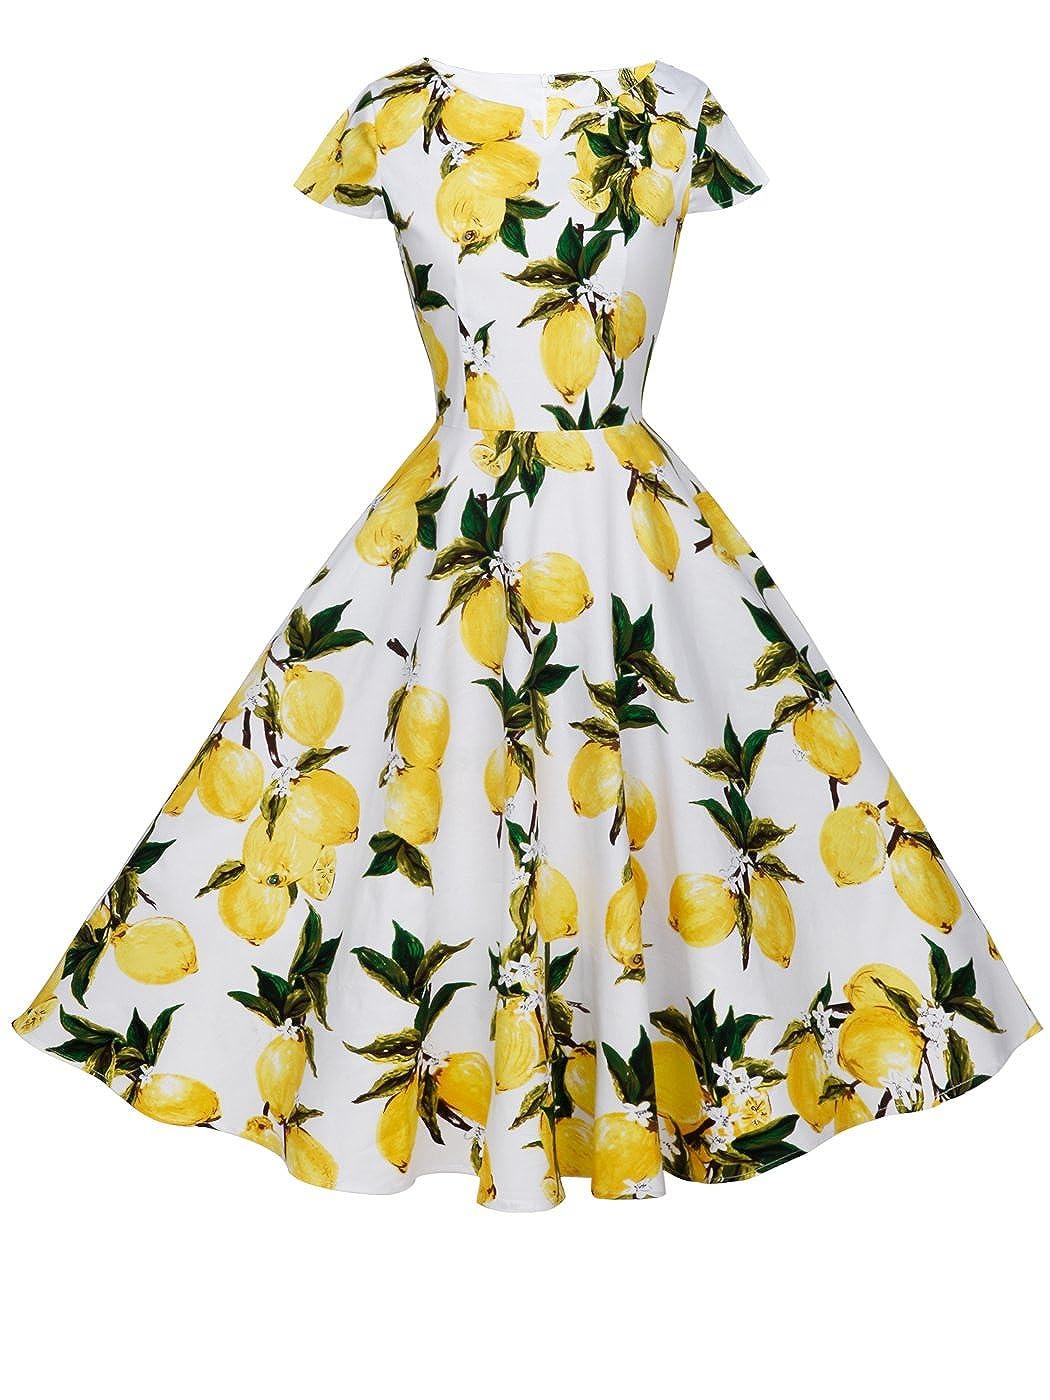 TALLA L. FAIRY COUPLE 1950S Vintage Rockabilly Lunares Cap Mangas Vestido de Baile DRT019 Frutas Amarillas Blancas